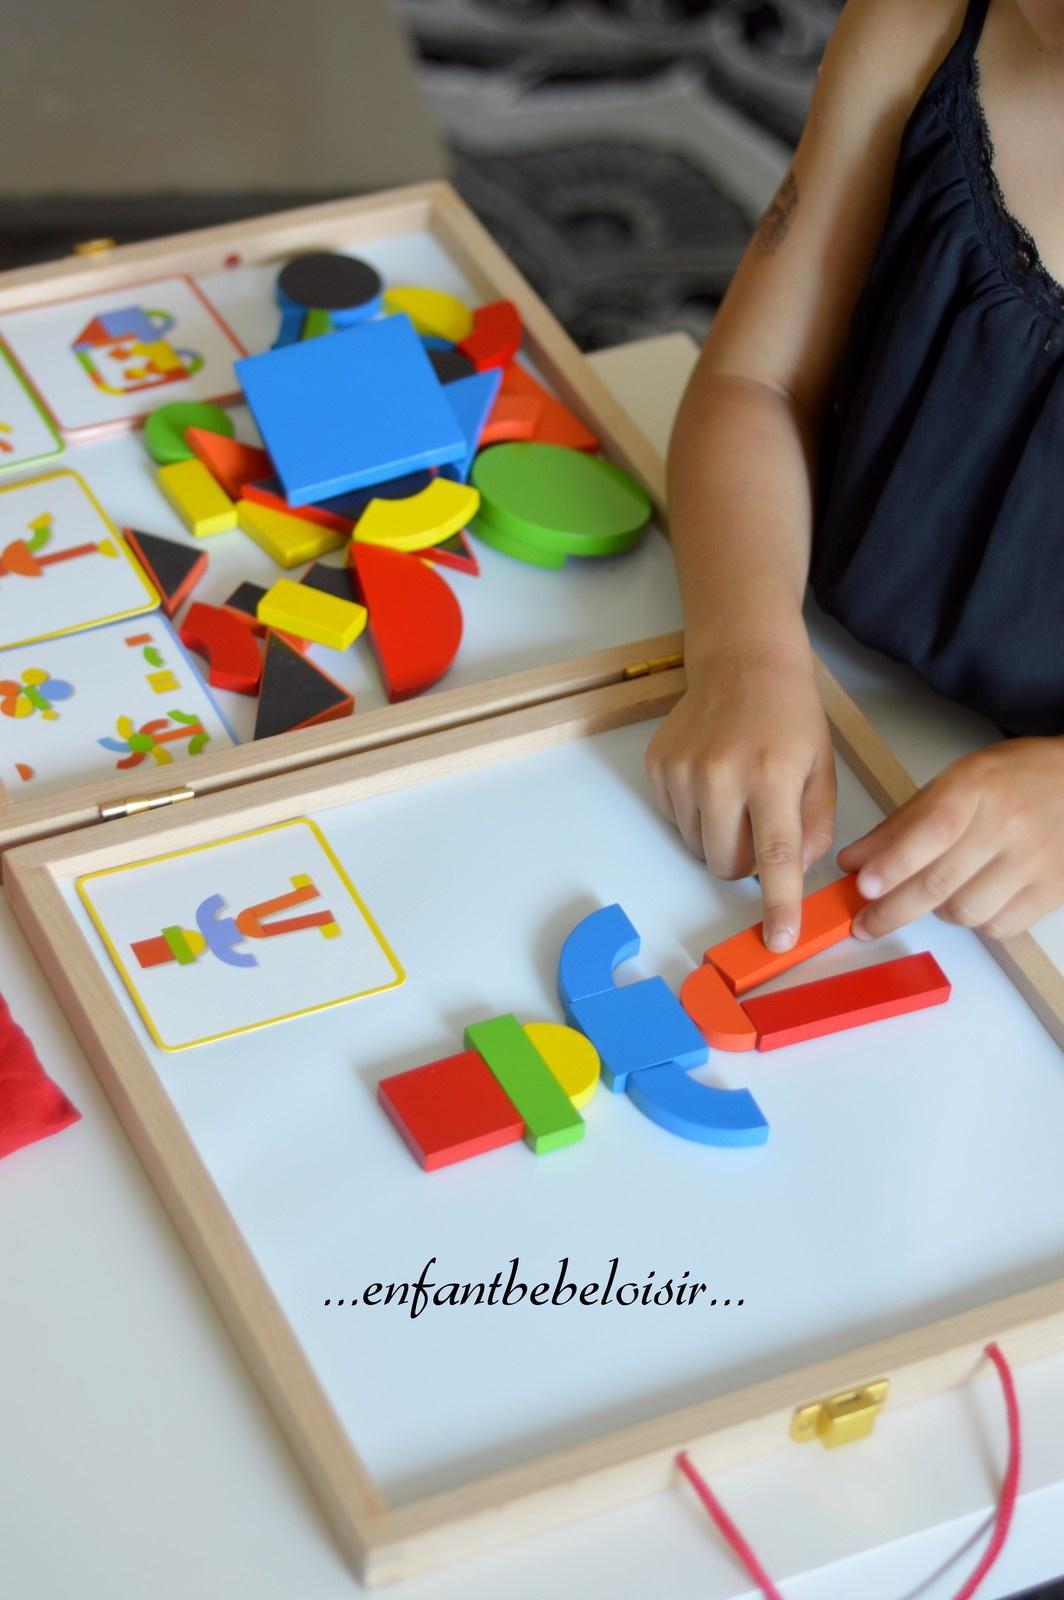 Malette Tangram De Djeco - Enfant Bébé Loisir intérieur Tangram Enfant